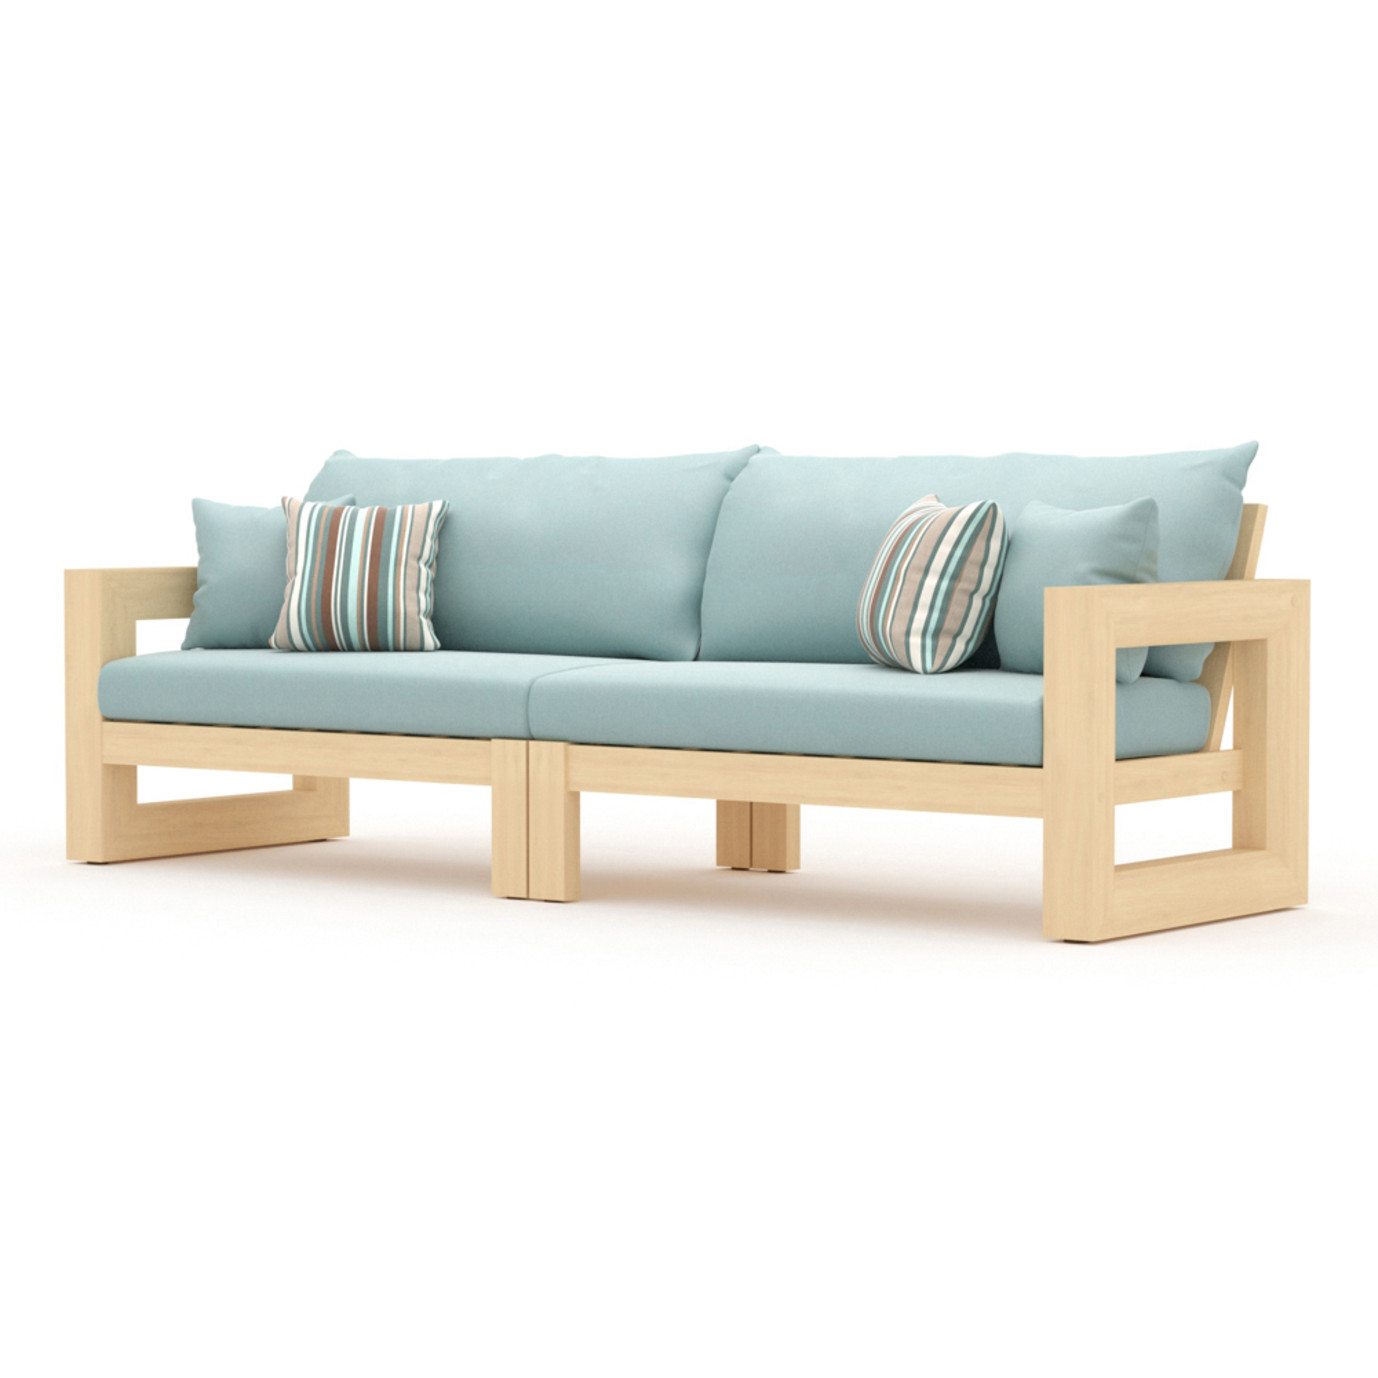 Benson 8 Piece Sofa & Club Chair Set - Bliss Blue